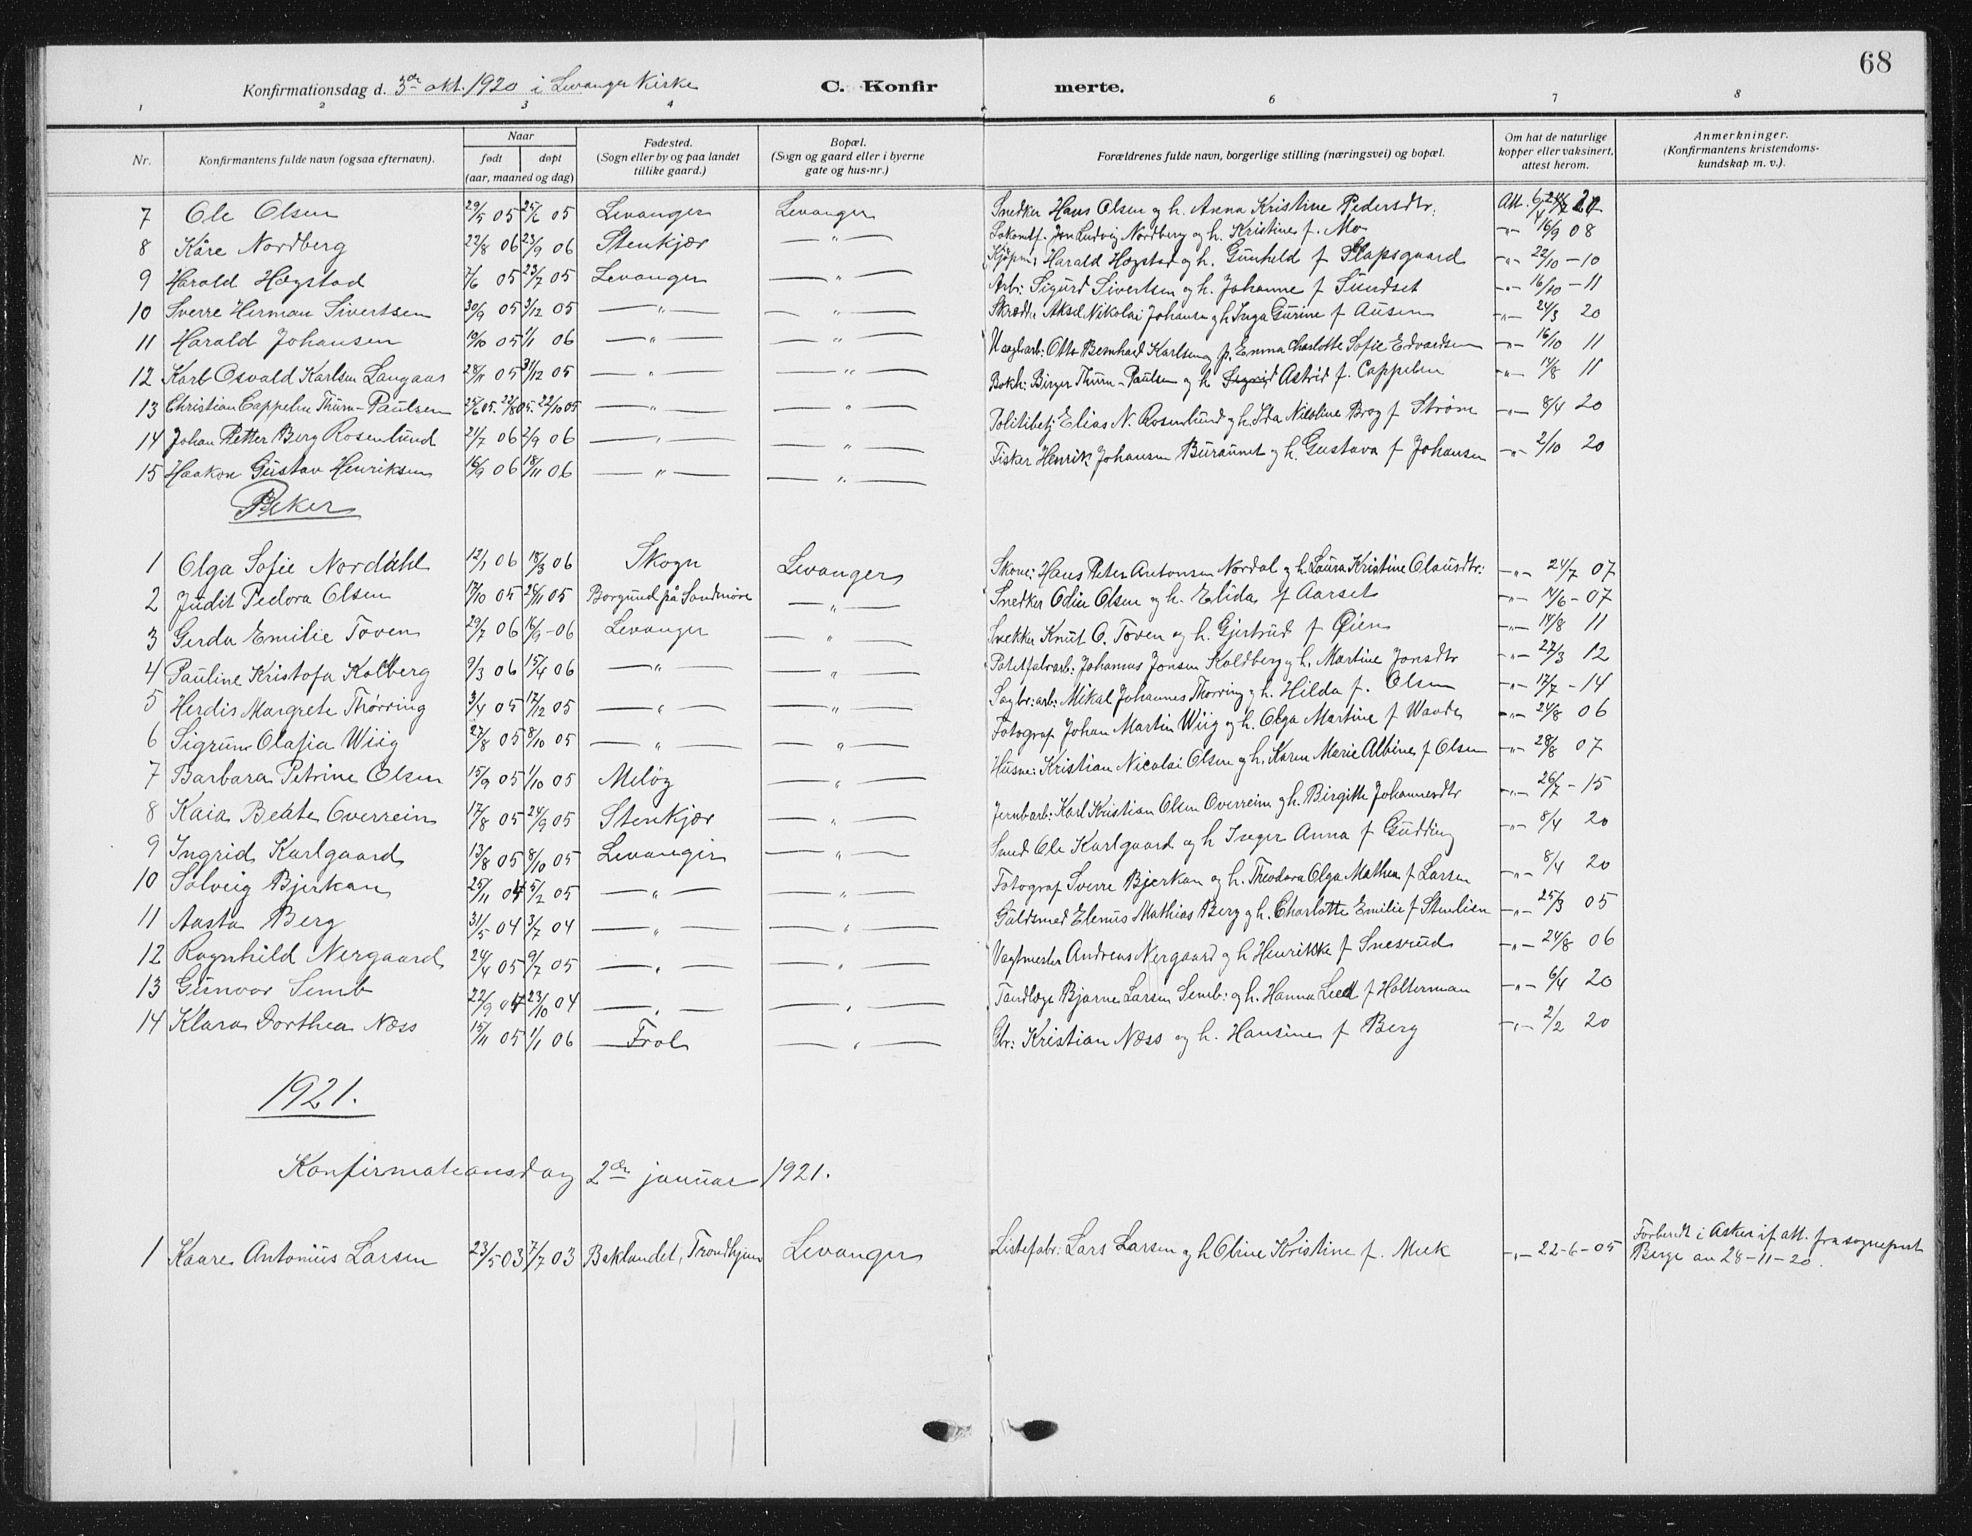 SAT, Ministerialprotokoller, klokkerbøker og fødselsregistre - Nord-Trøndelag, 720/L0193: Klokkerbok nr. 720C02, 1918-1941, s. 68